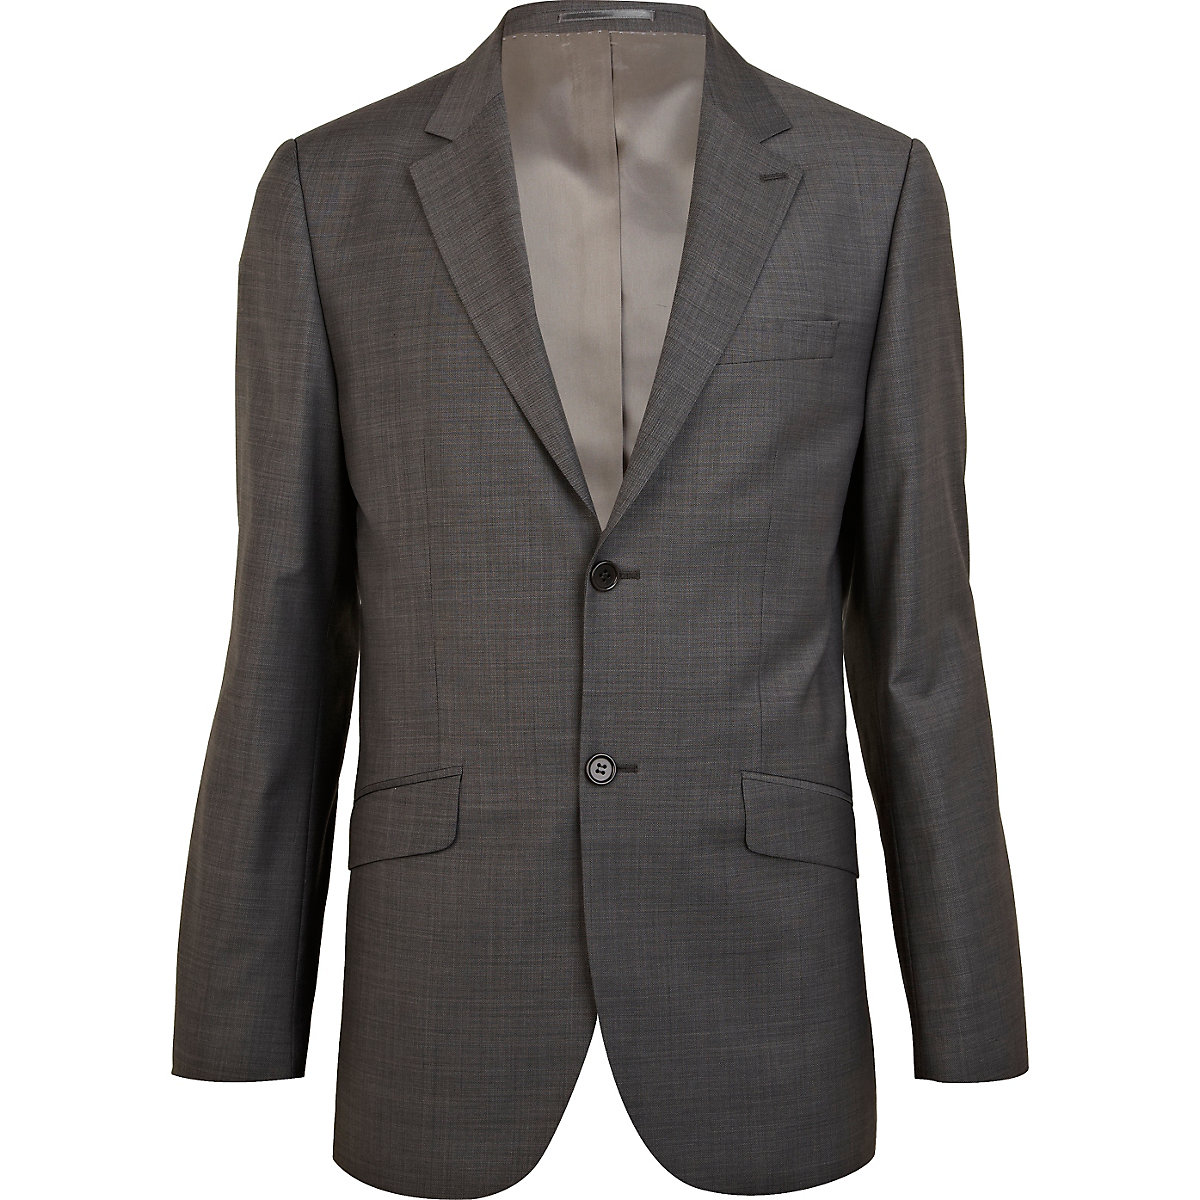 Grey classic fit smart suit jacket